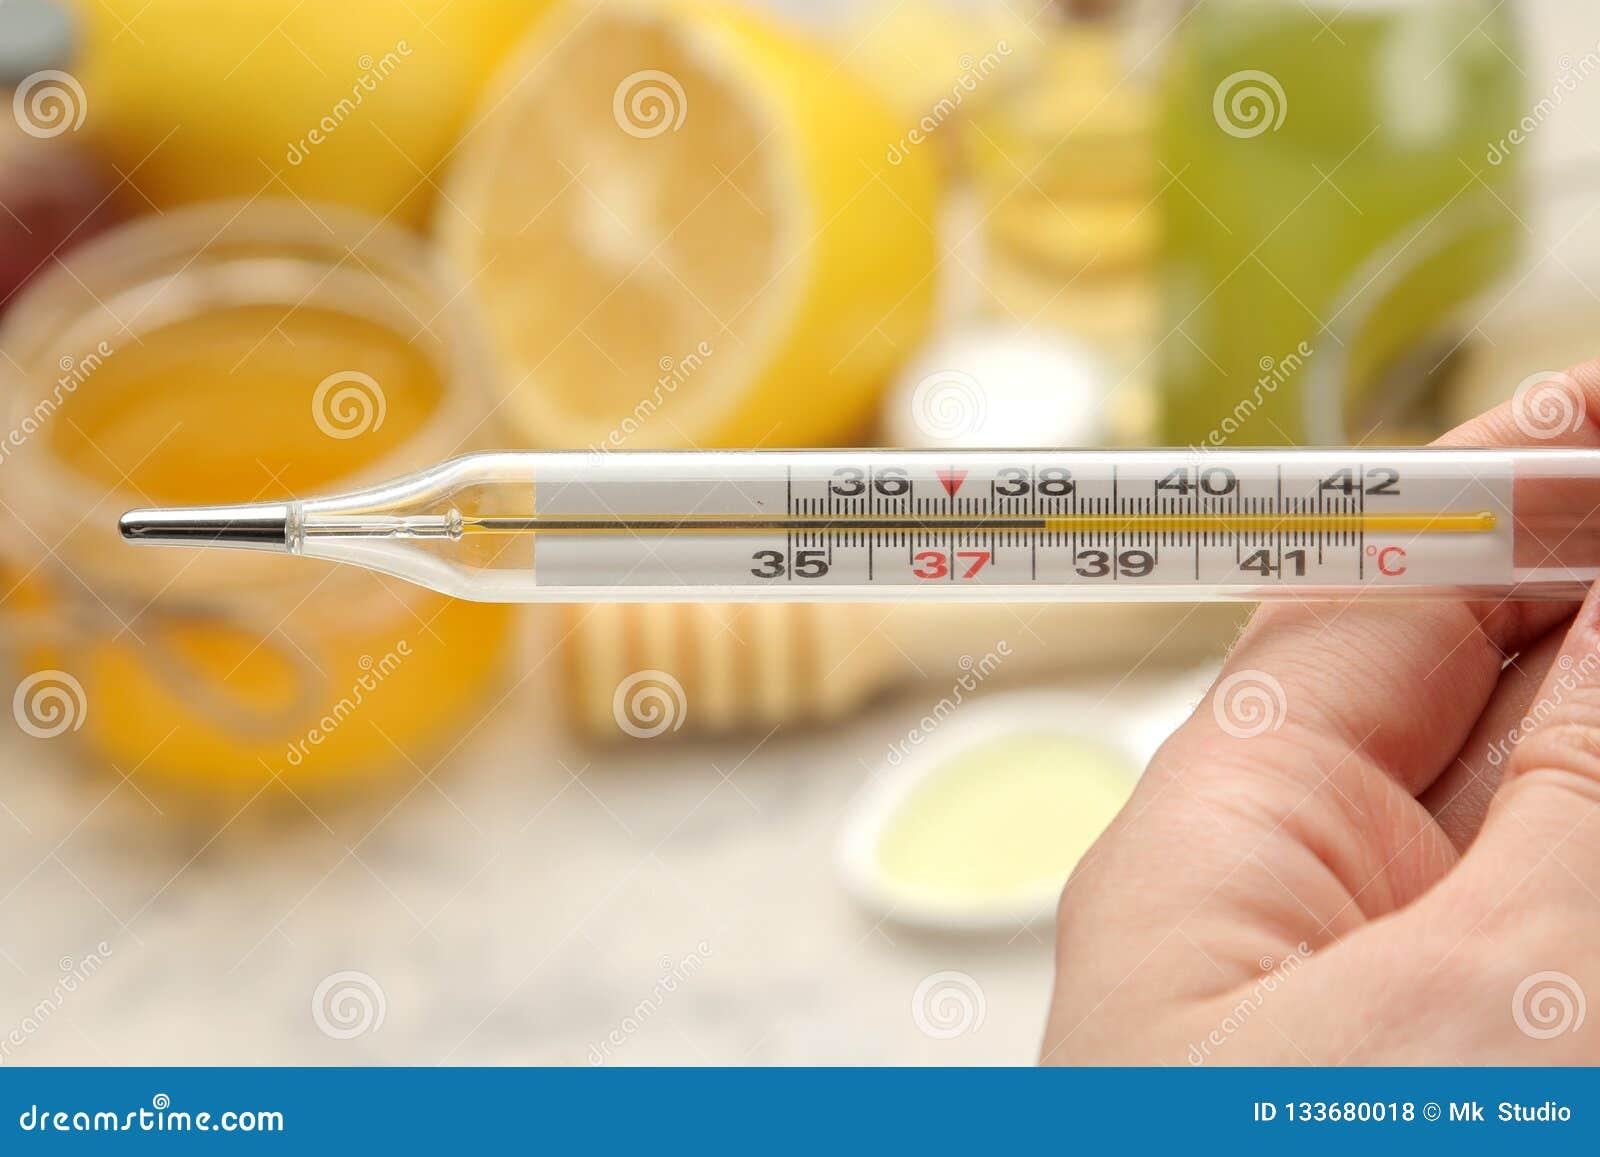 Медицины Kru термометра различные для гриппа и холодные выходы на белом деревянном столе холодно заболевания холодно грипп